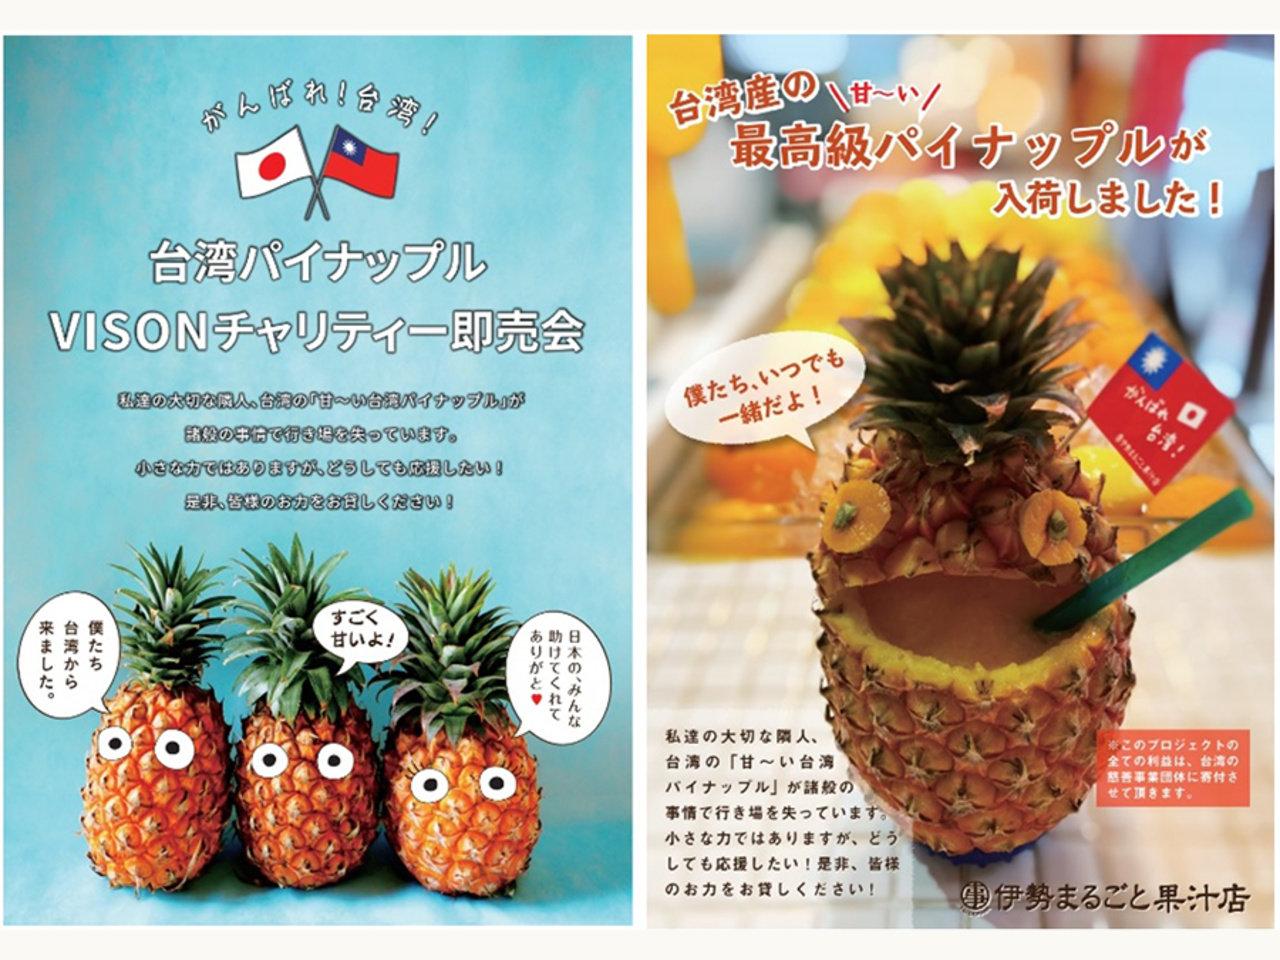 三重県 「VISON」×「まるごと果汁店」が台湾パイナップルのチャリティイベントを実施